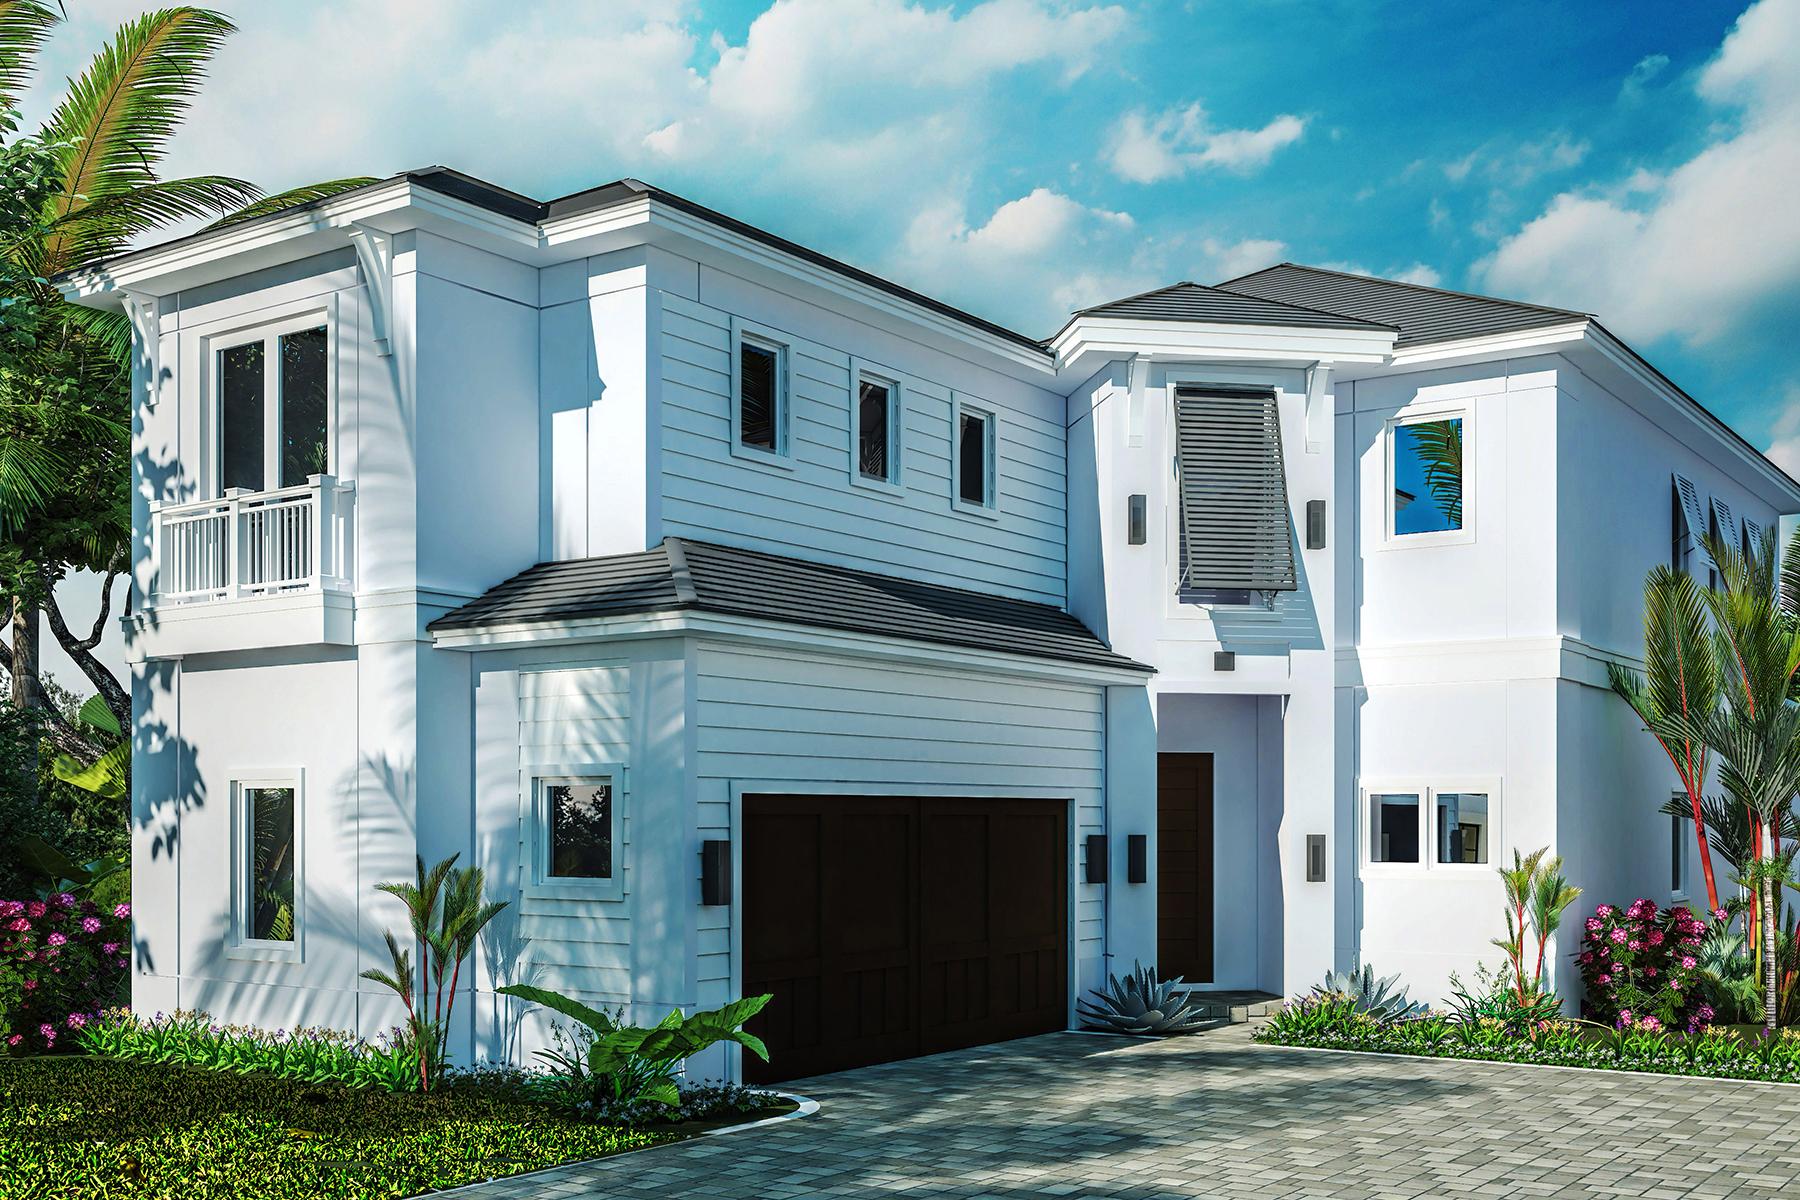 Частный односемейный дом для того Продажа на 9197 Mercato Way , Naples, FL 34108 9197 Mercato Way Naples, Флорида, 34108 Соединенные Штаты